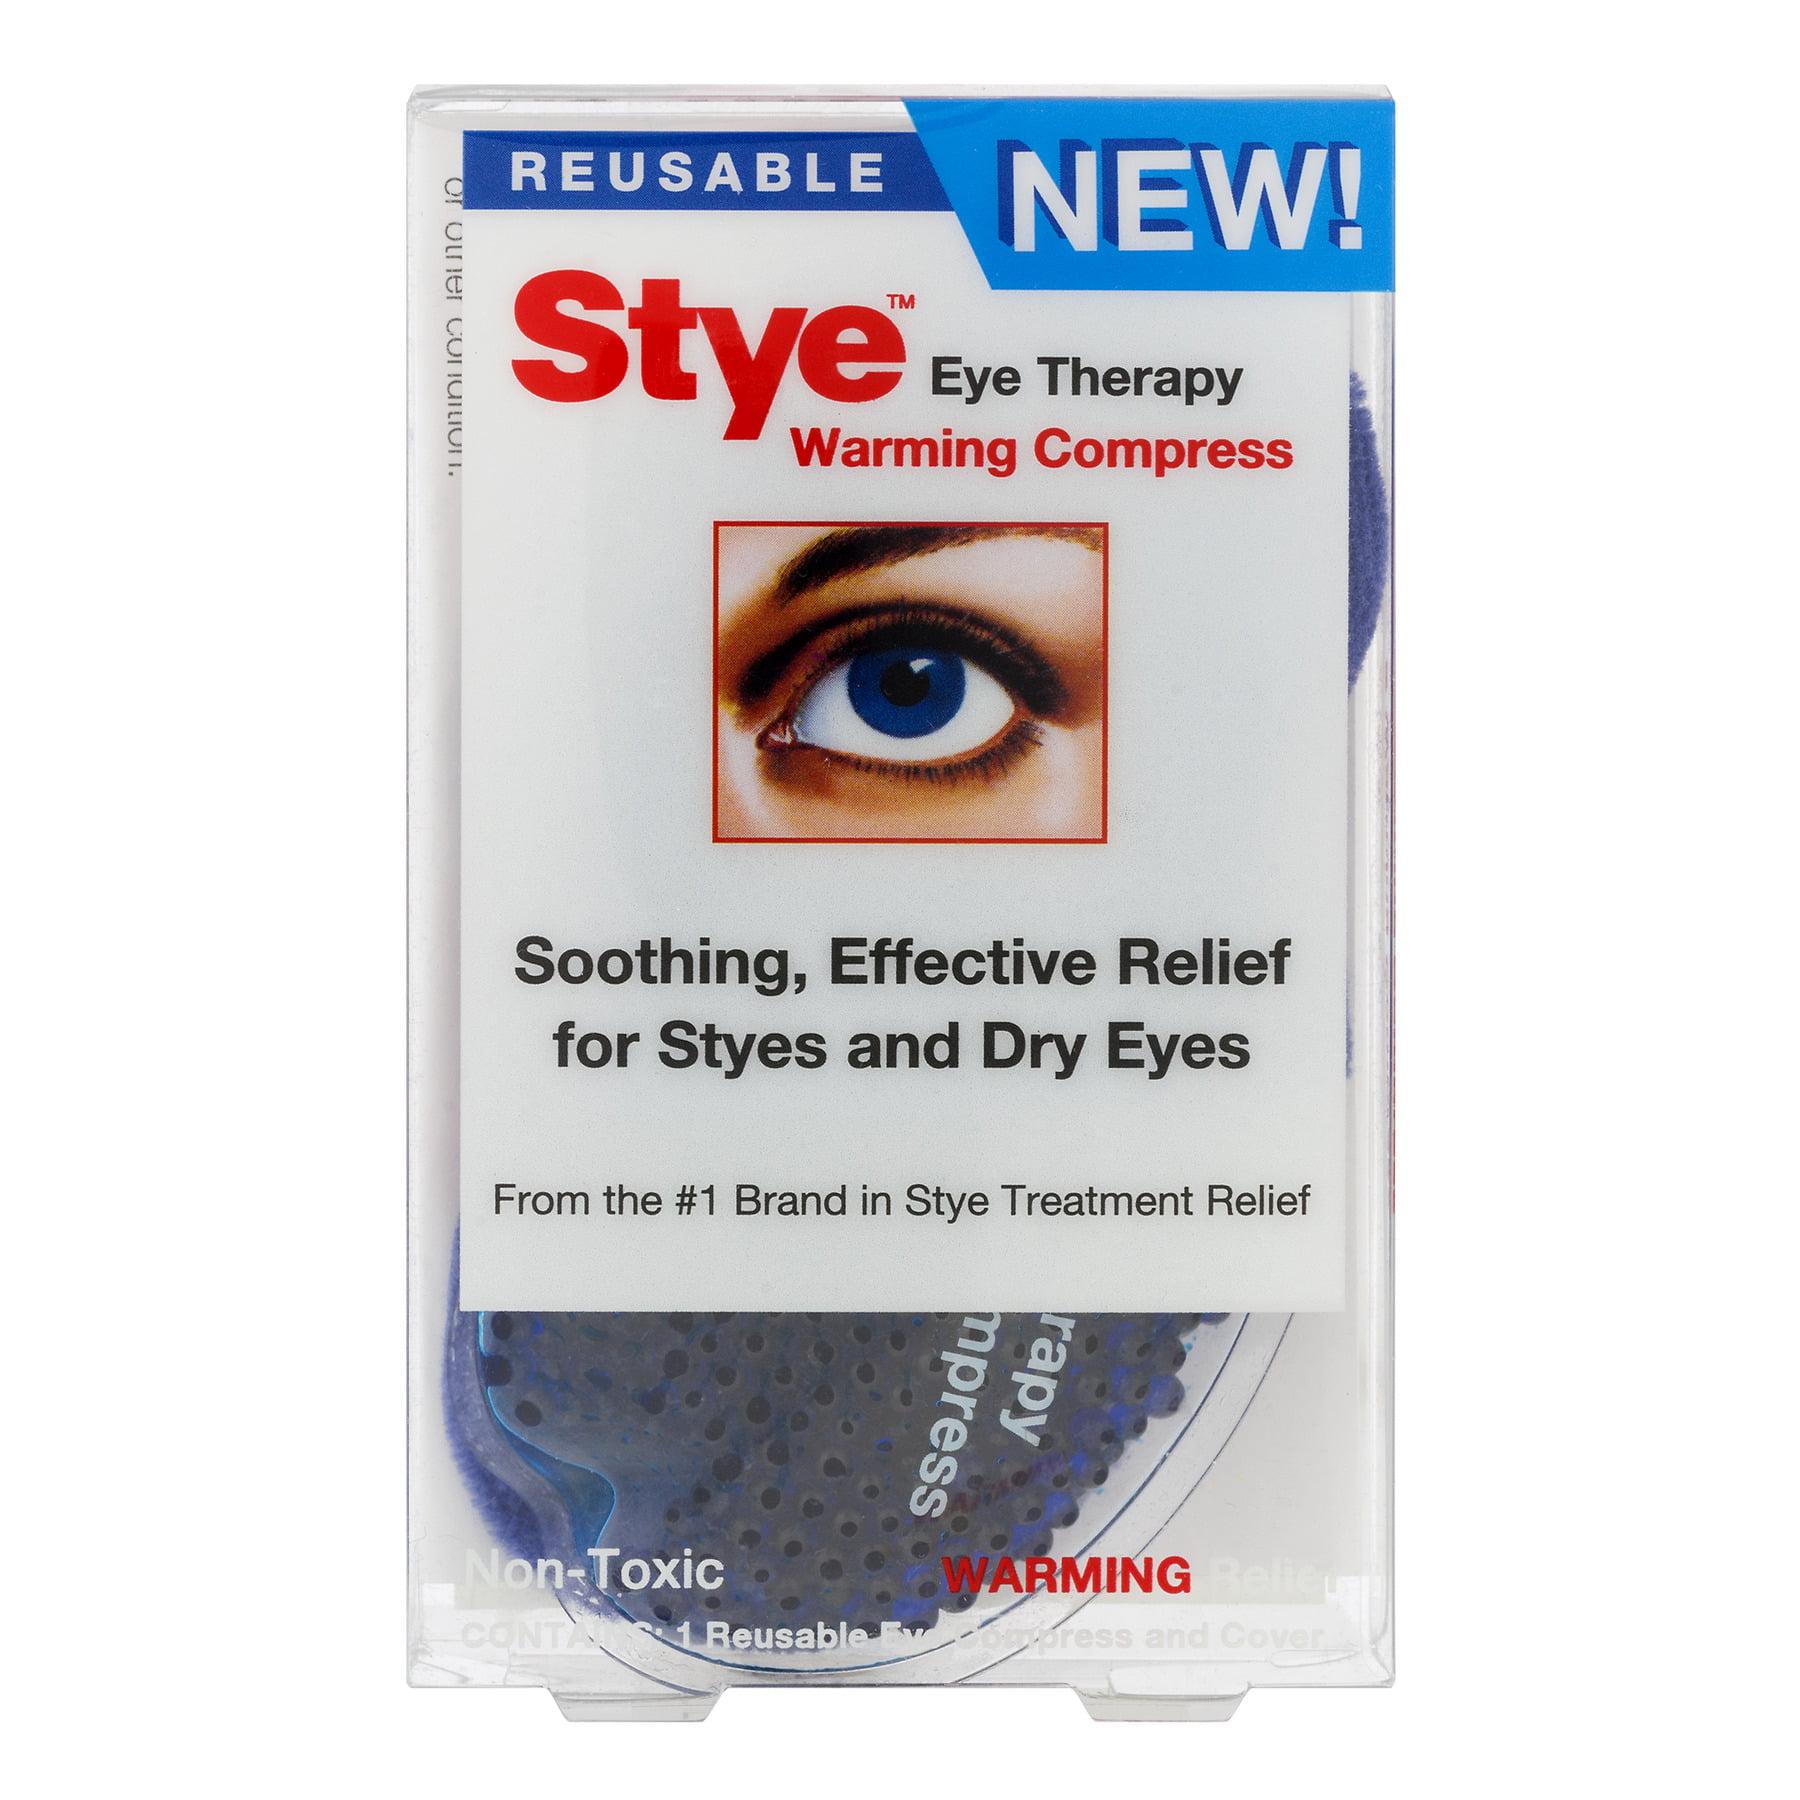 Stye Eye Therapy Warming Compress, 1.0 CT